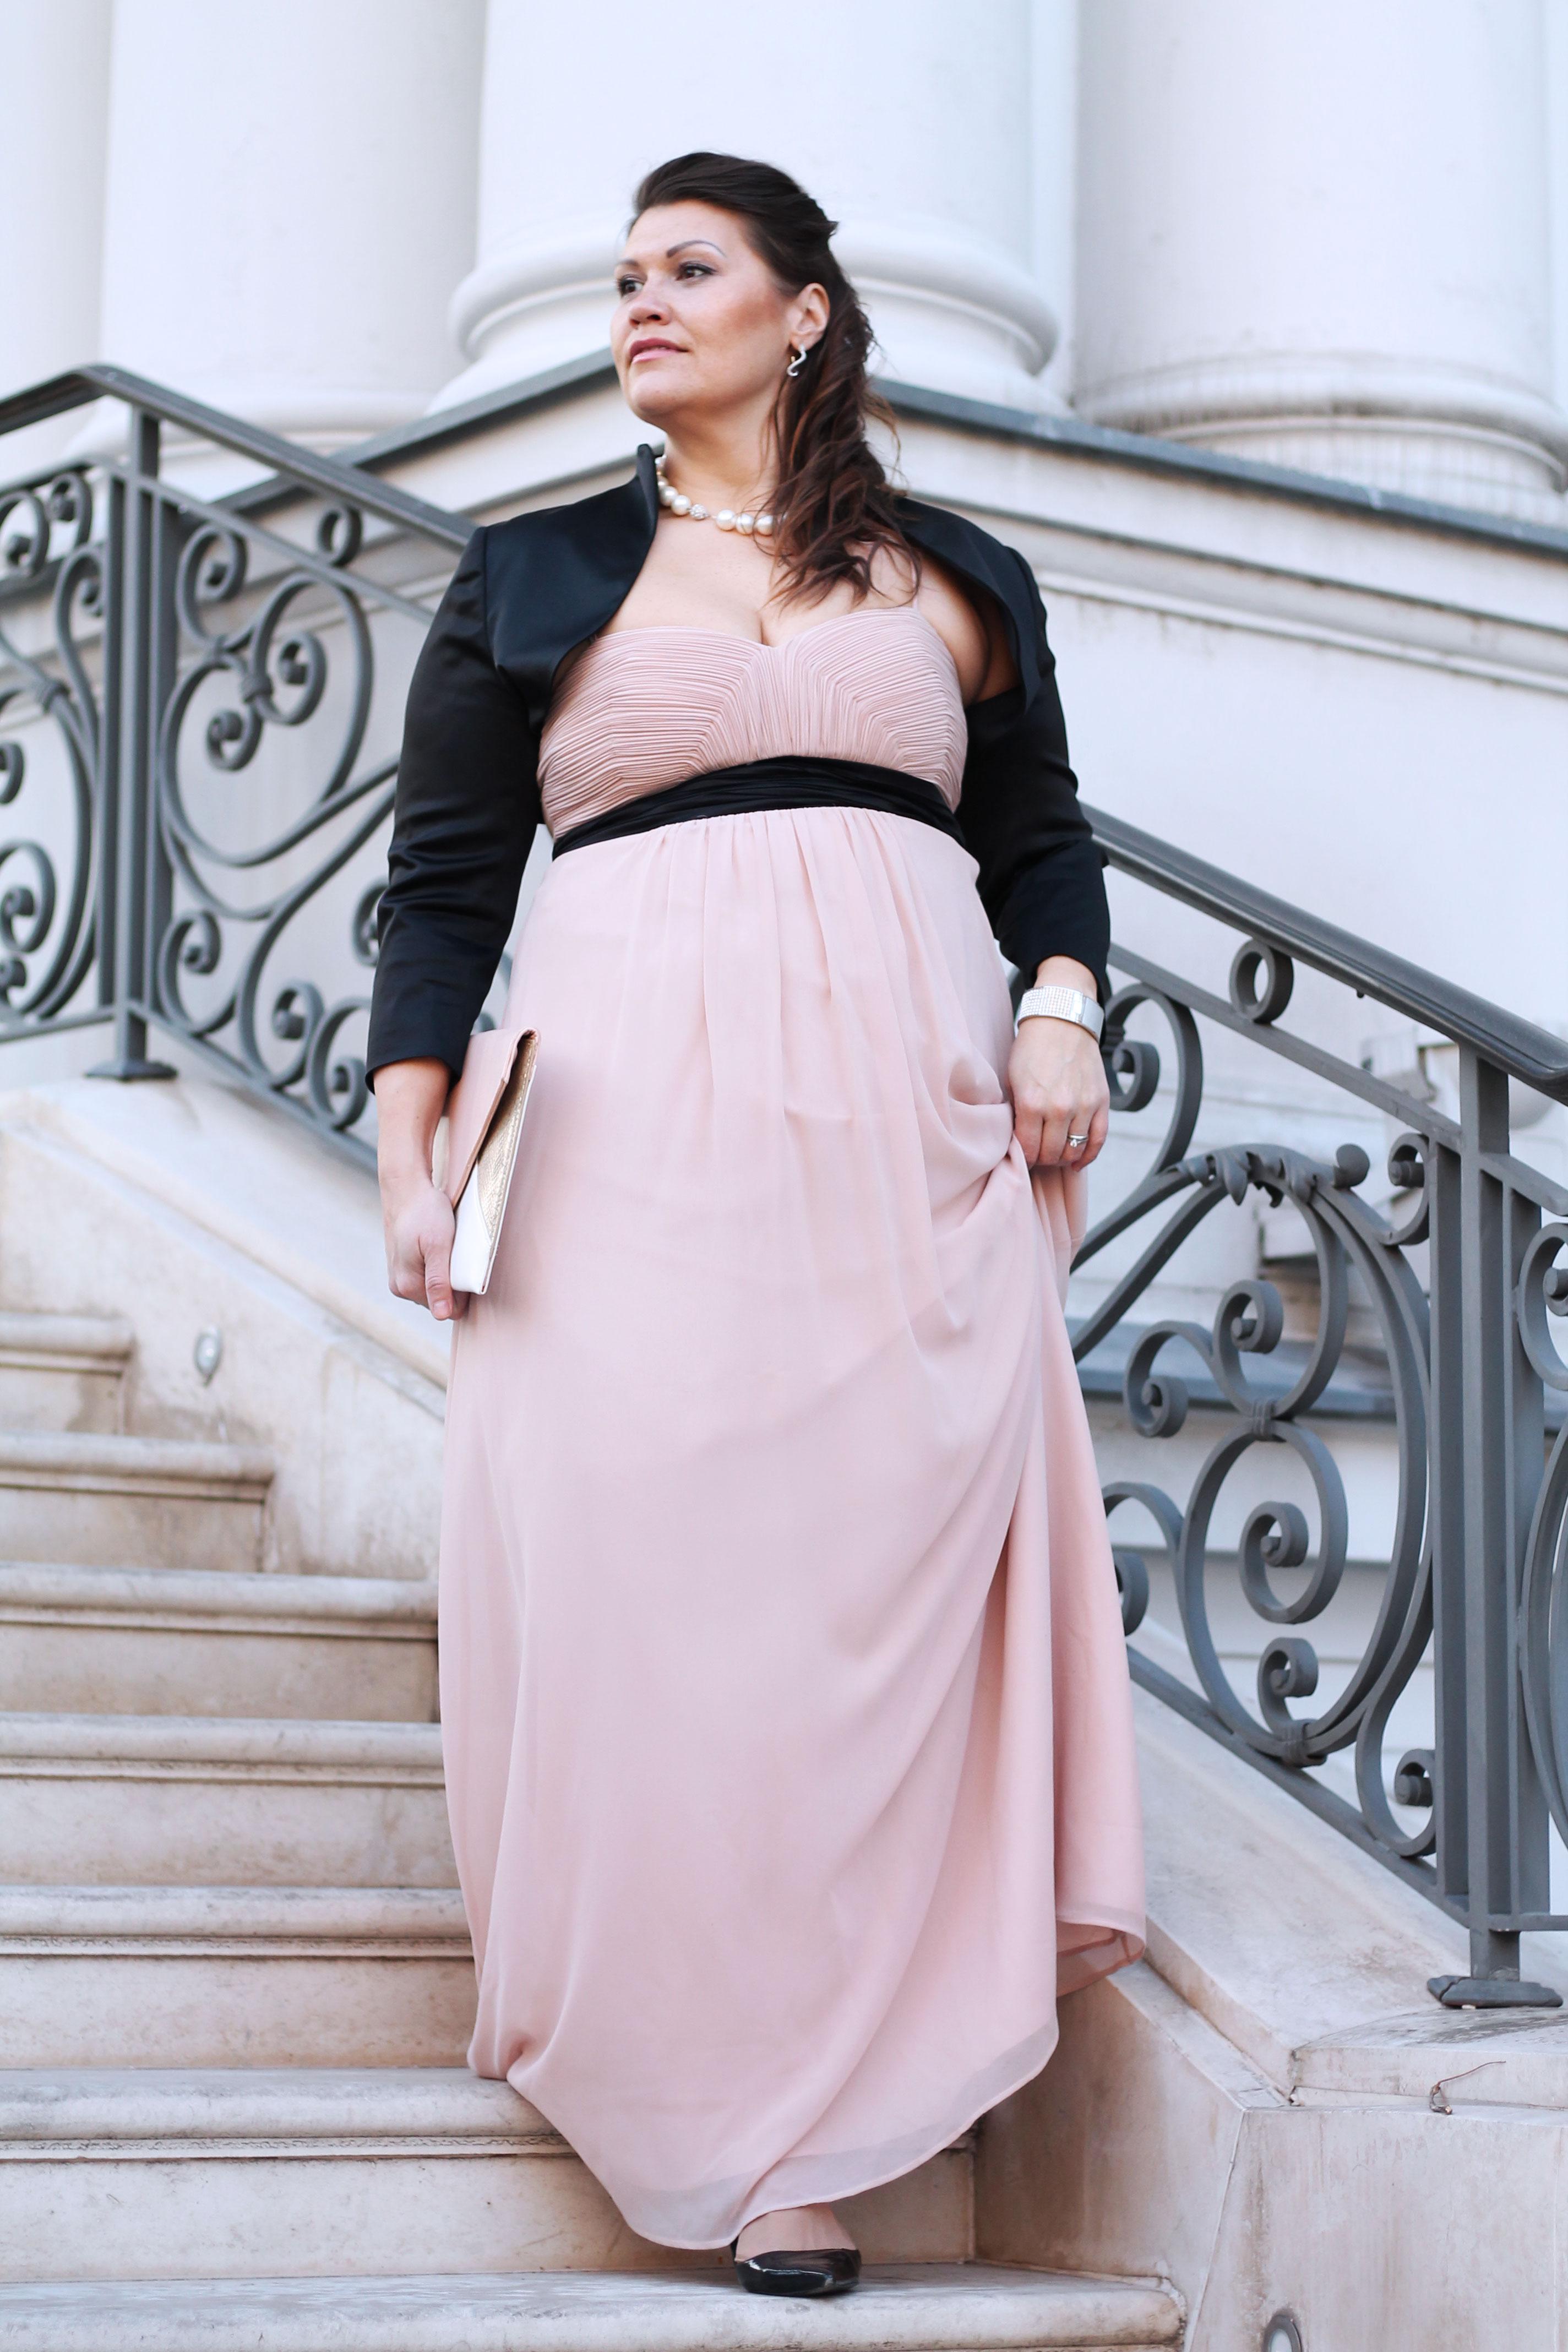 ballkleid-farbe-rose-nude-kardiaserena-schwarzer-bolero-ballsaison-plussize-blogger-fashion-outfit